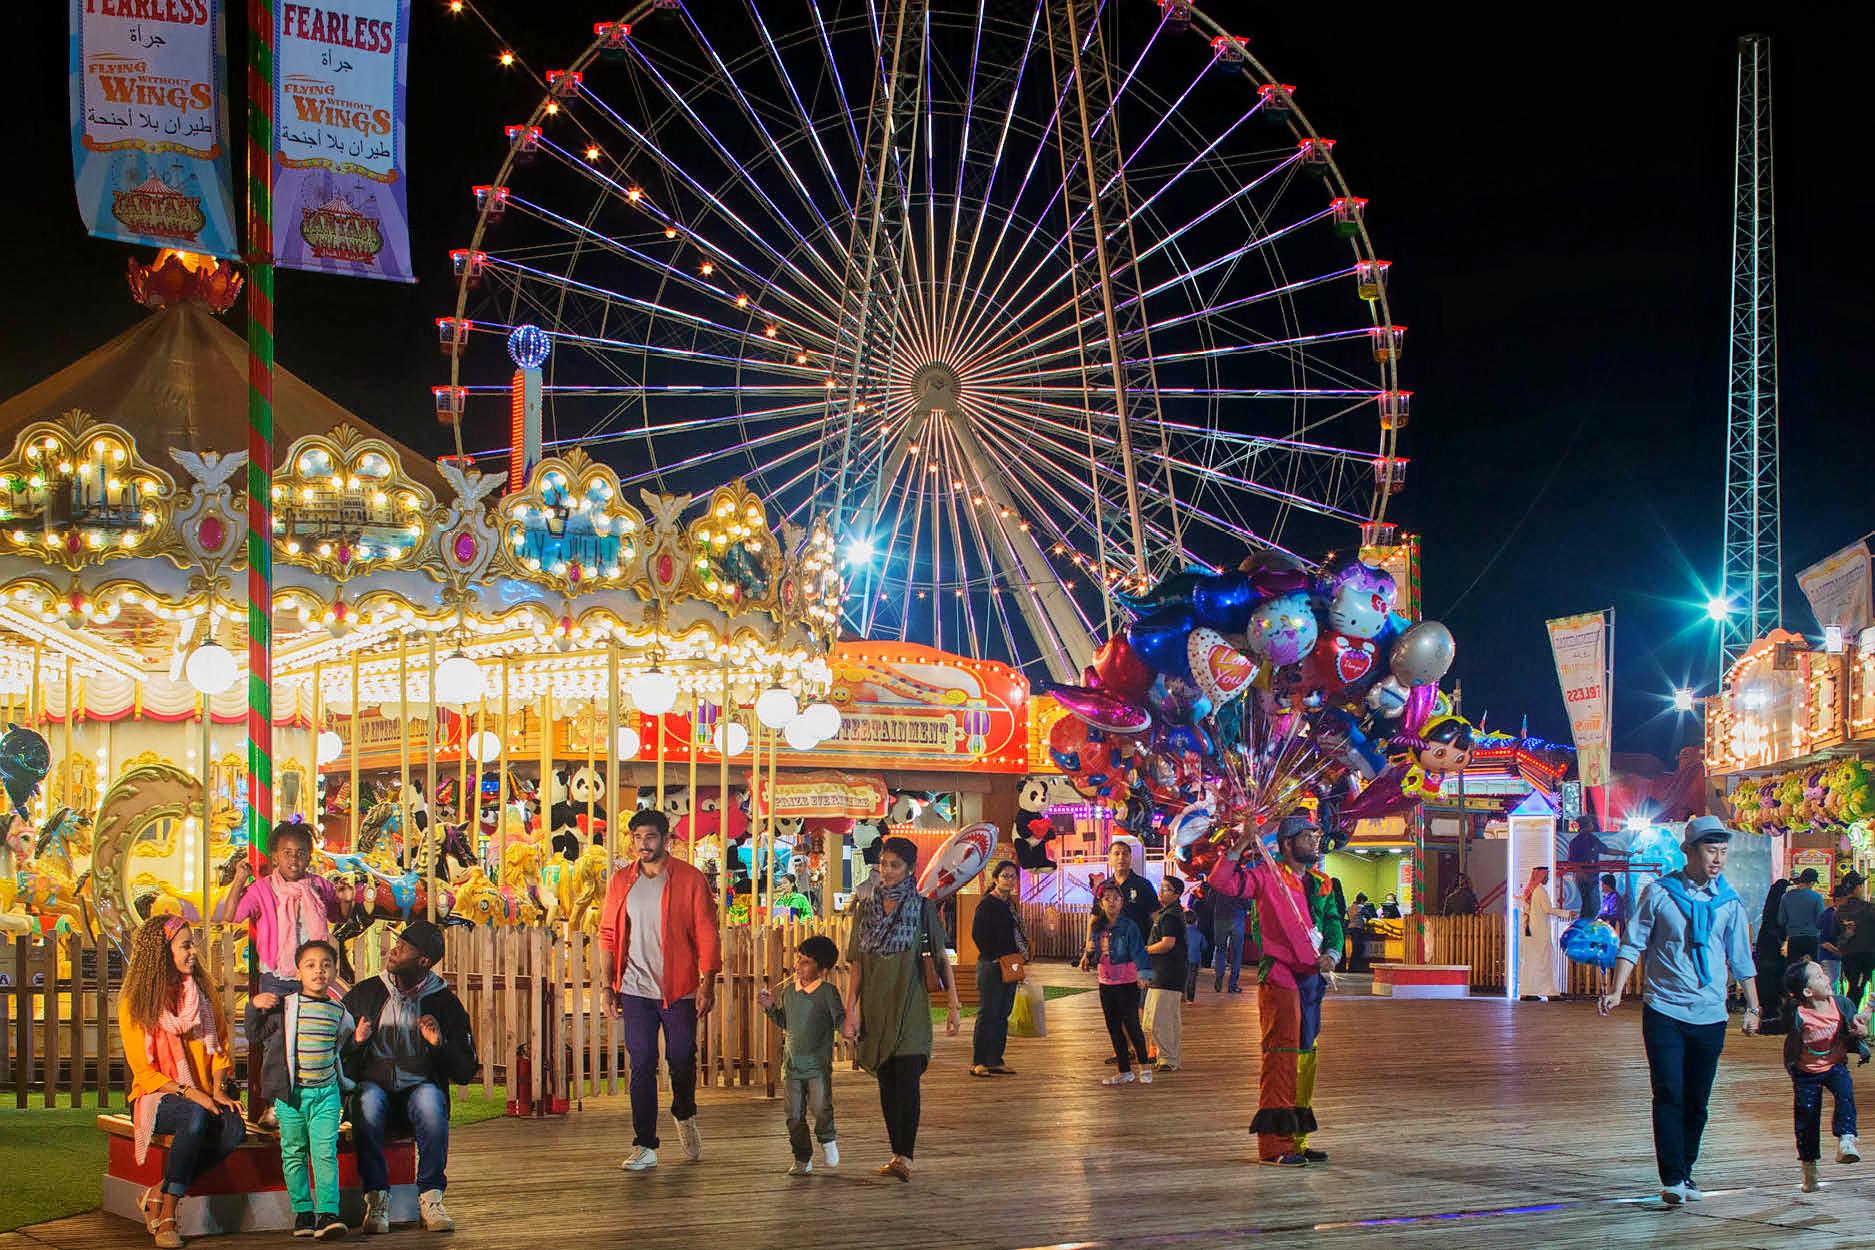 1511249403_myd_my-dubai_holidays_900x600_theme-parks2.jpg